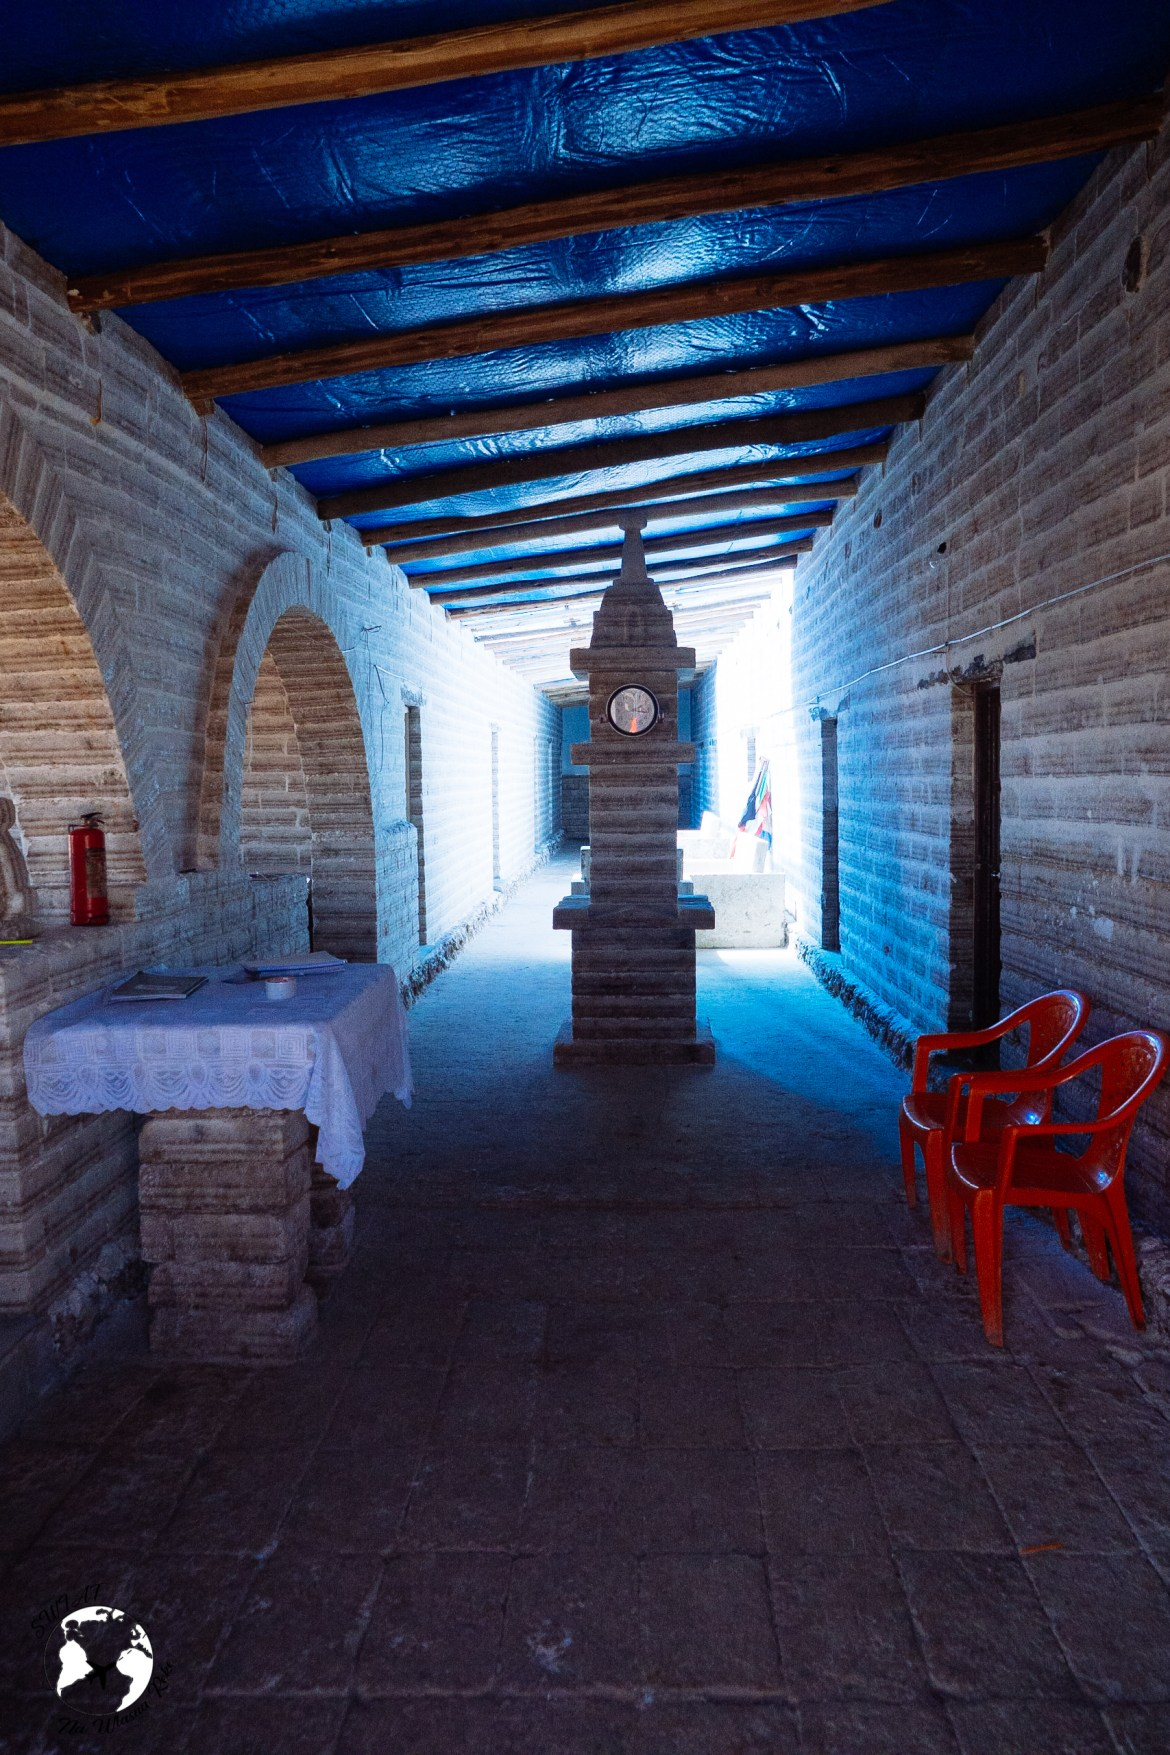 20190218  2180592 2 - Salar de Uyuni, czyli nasze spełnienie marzeń